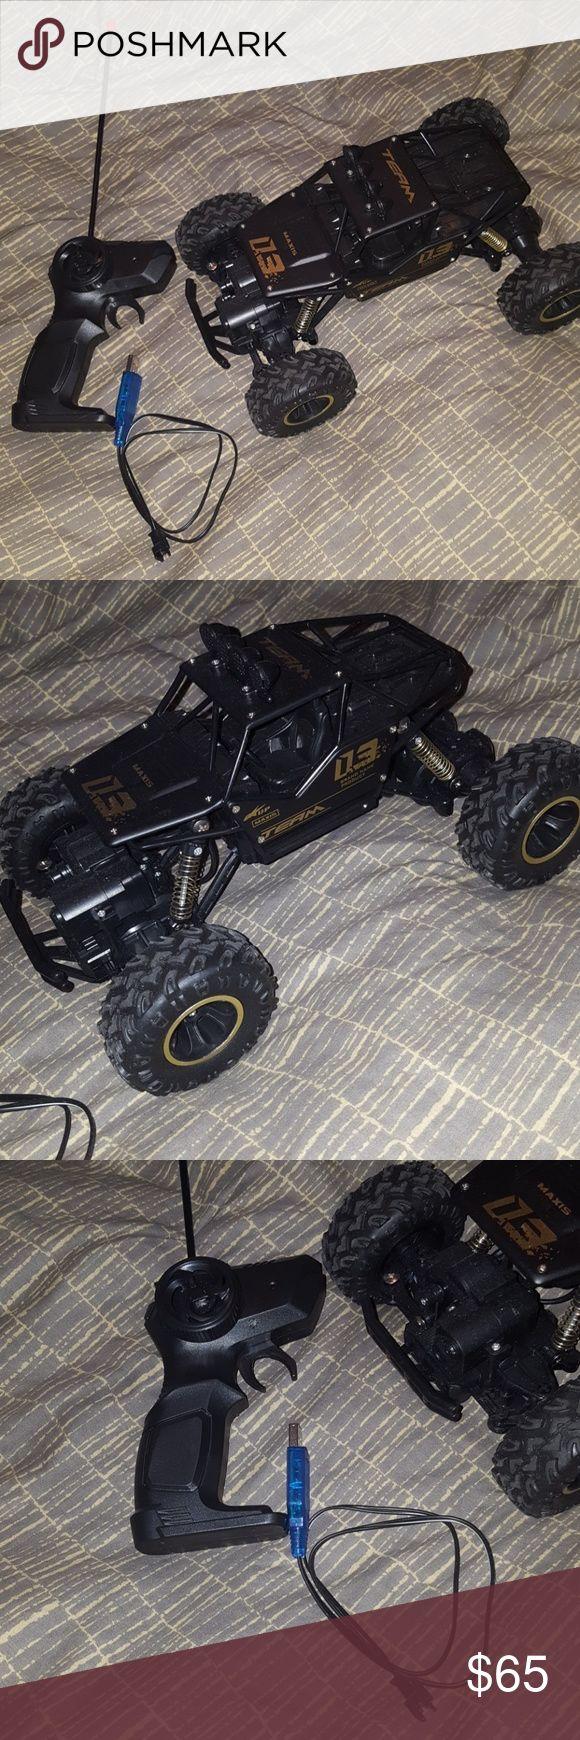 NWOT Team Maxis 03 4x4 RC car! 70mph! NWOT Team Maxis 03